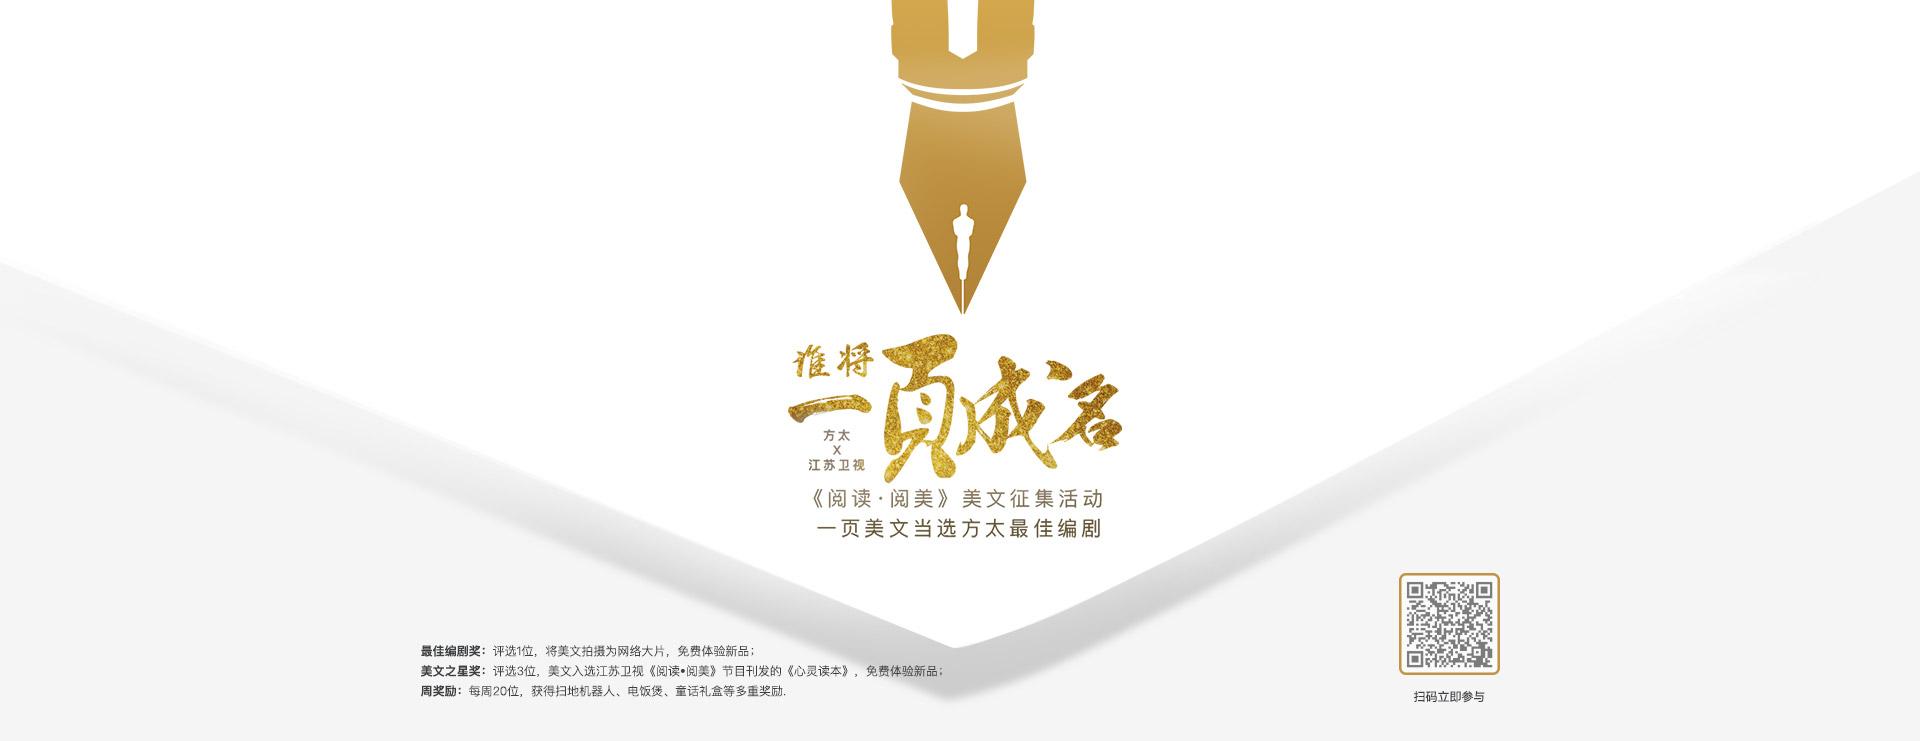 LadBrokes中文网·谁将一页成名, 《阅读·阅美》美文征集活动